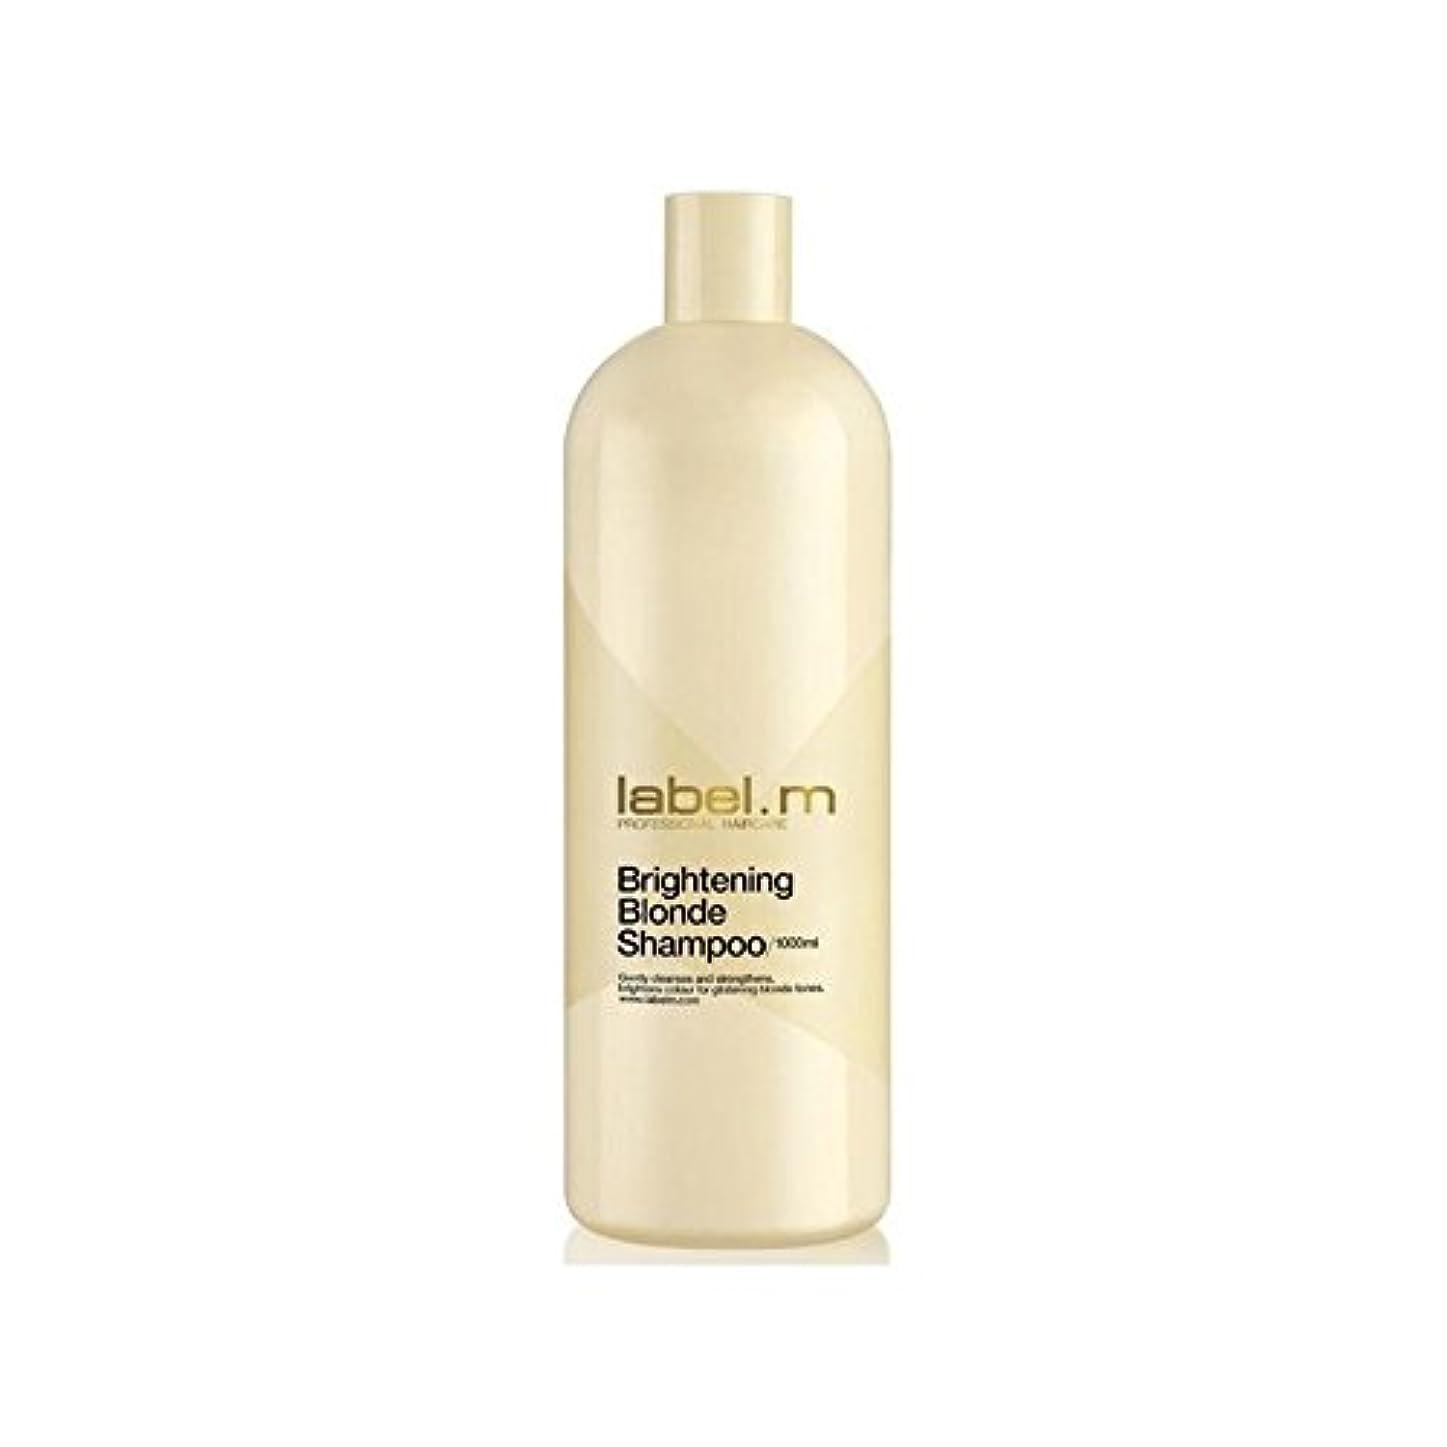 エクステント矩形無限大.増白ブロンドシャンプー(千ミリリットル) x2 - Label.M Brightening Blonde Shampoo (1000ml) (Pack of 2) [並行輸入品]